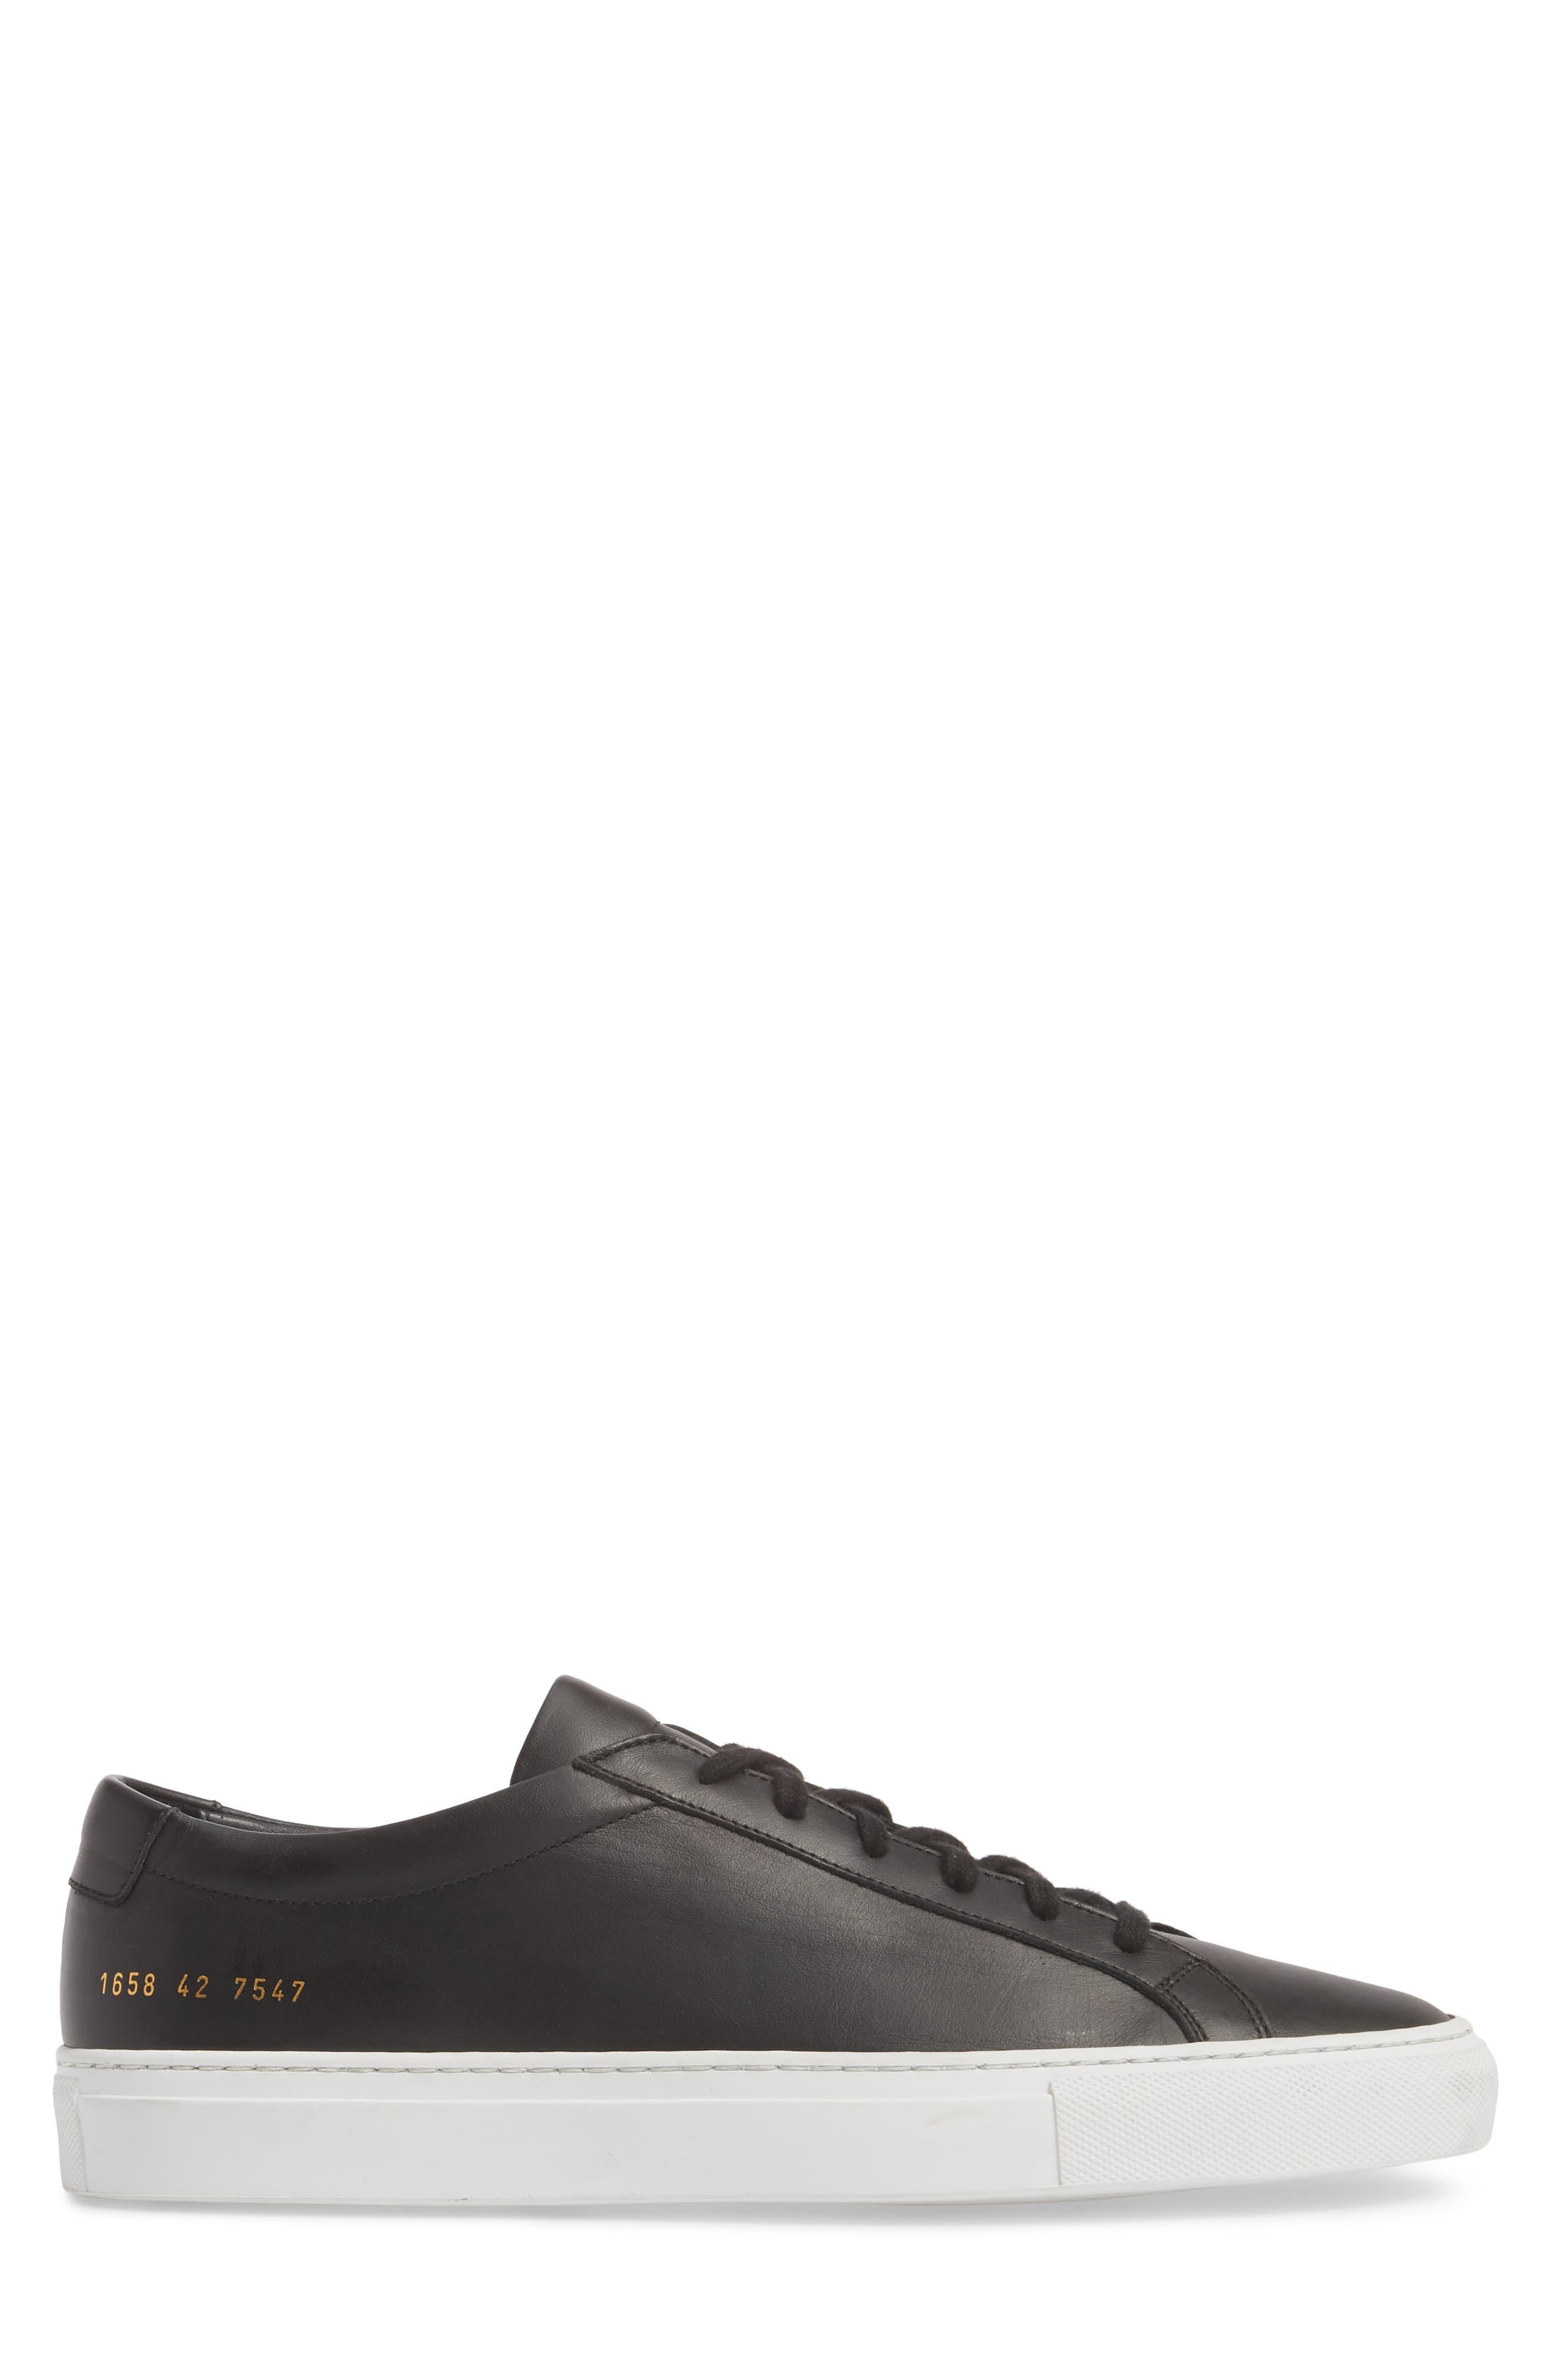 Achilles Low Sneaker,                             Alternate thumbnail 3, color,                             BLACK LEATHER